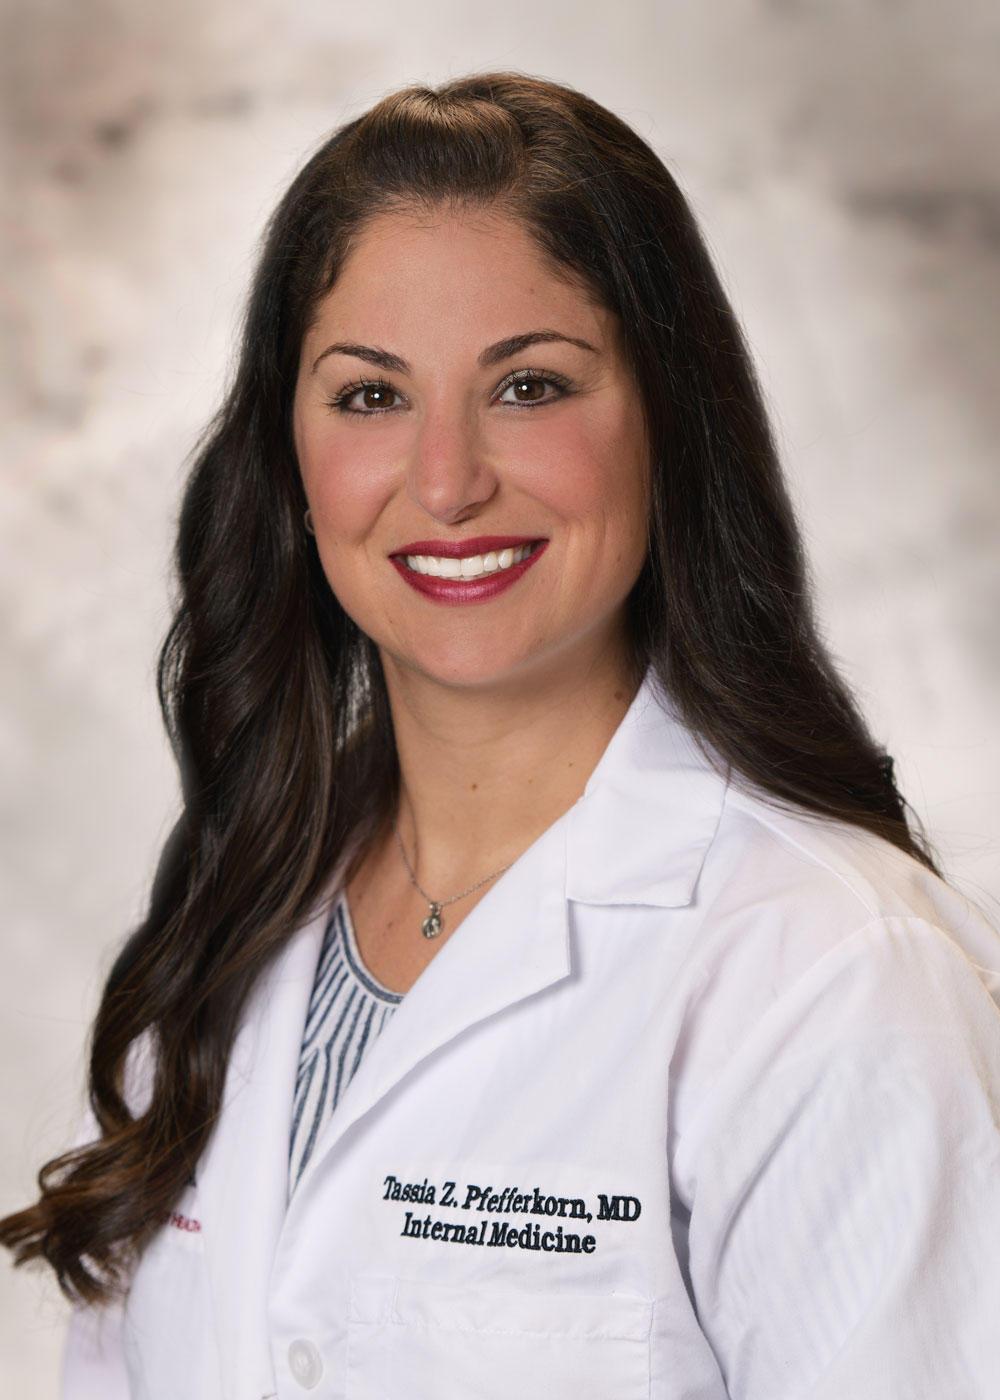 Tassia Pfefferkorn, MD